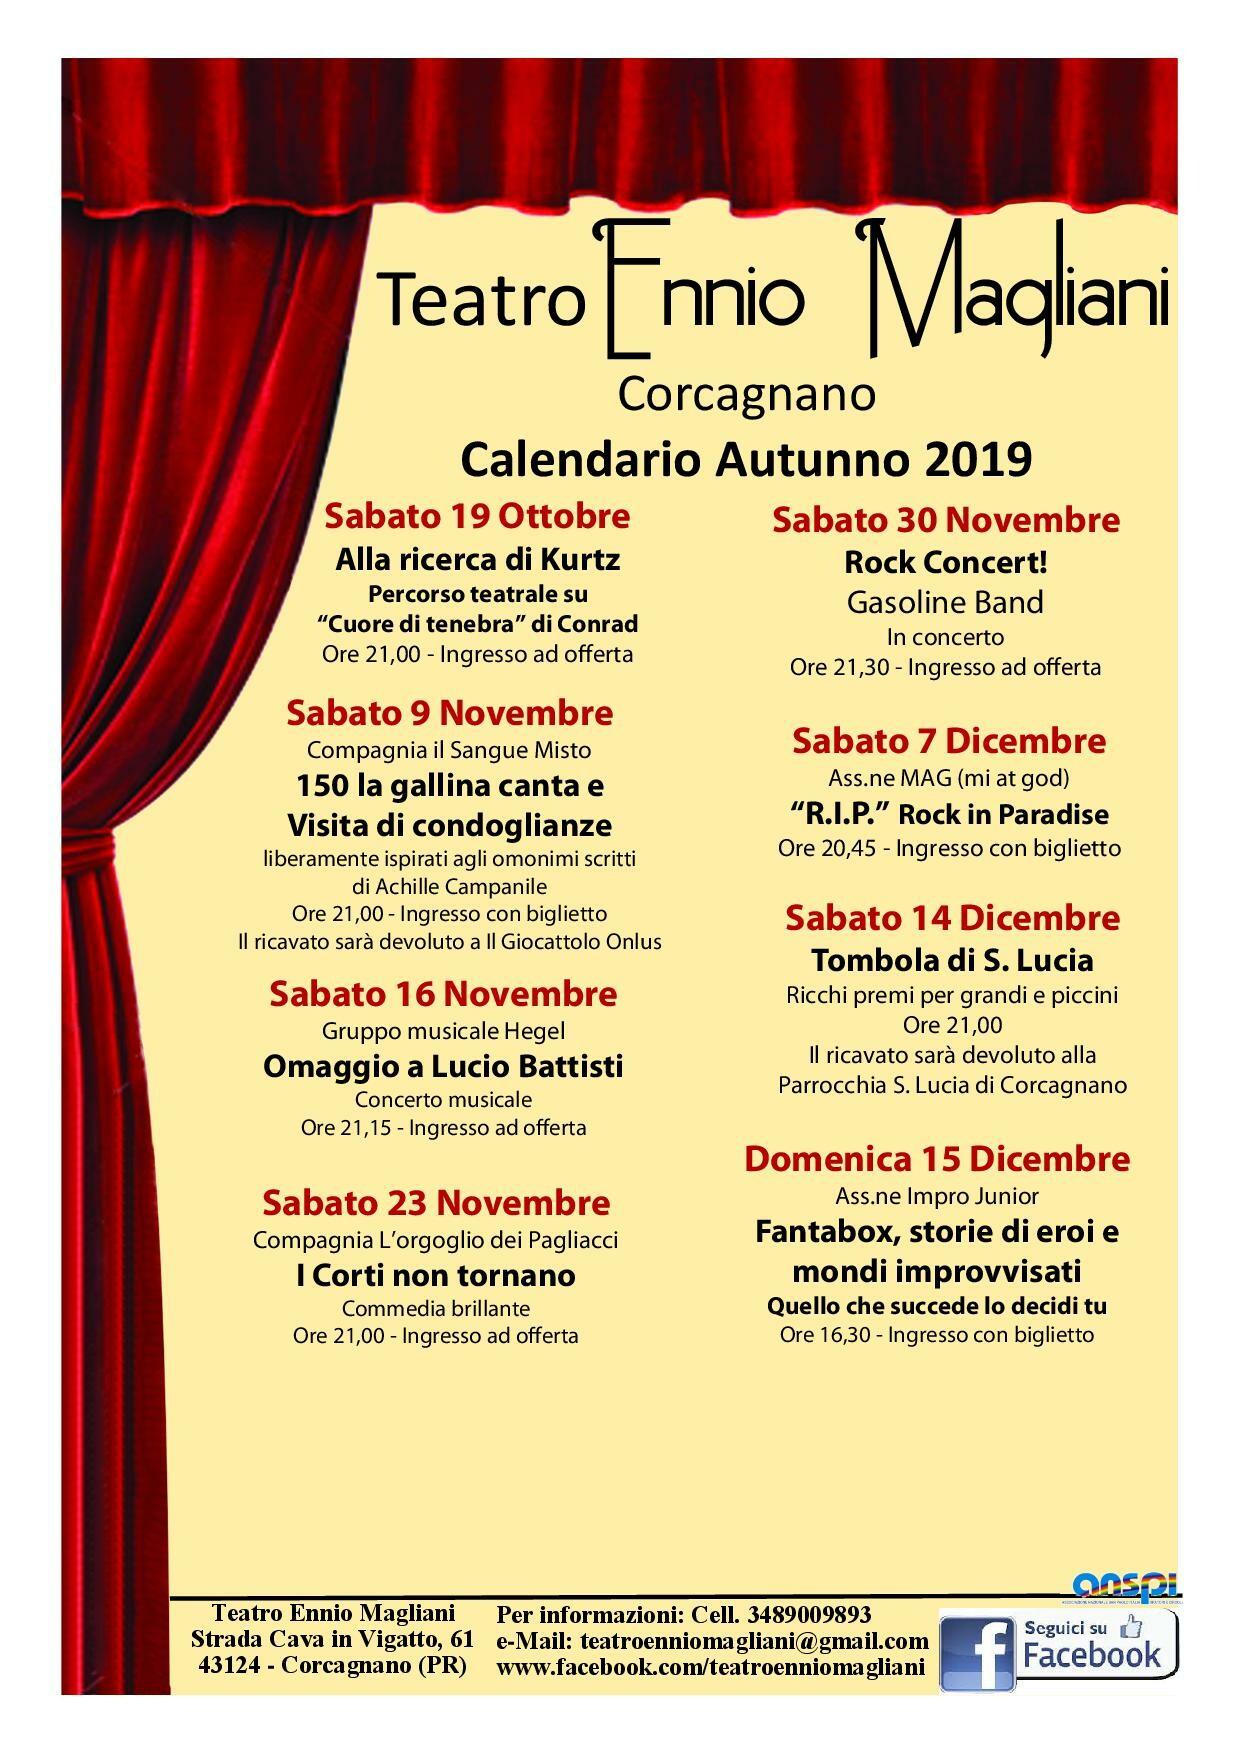 Teatro Ennio Magliani: programma autunnale